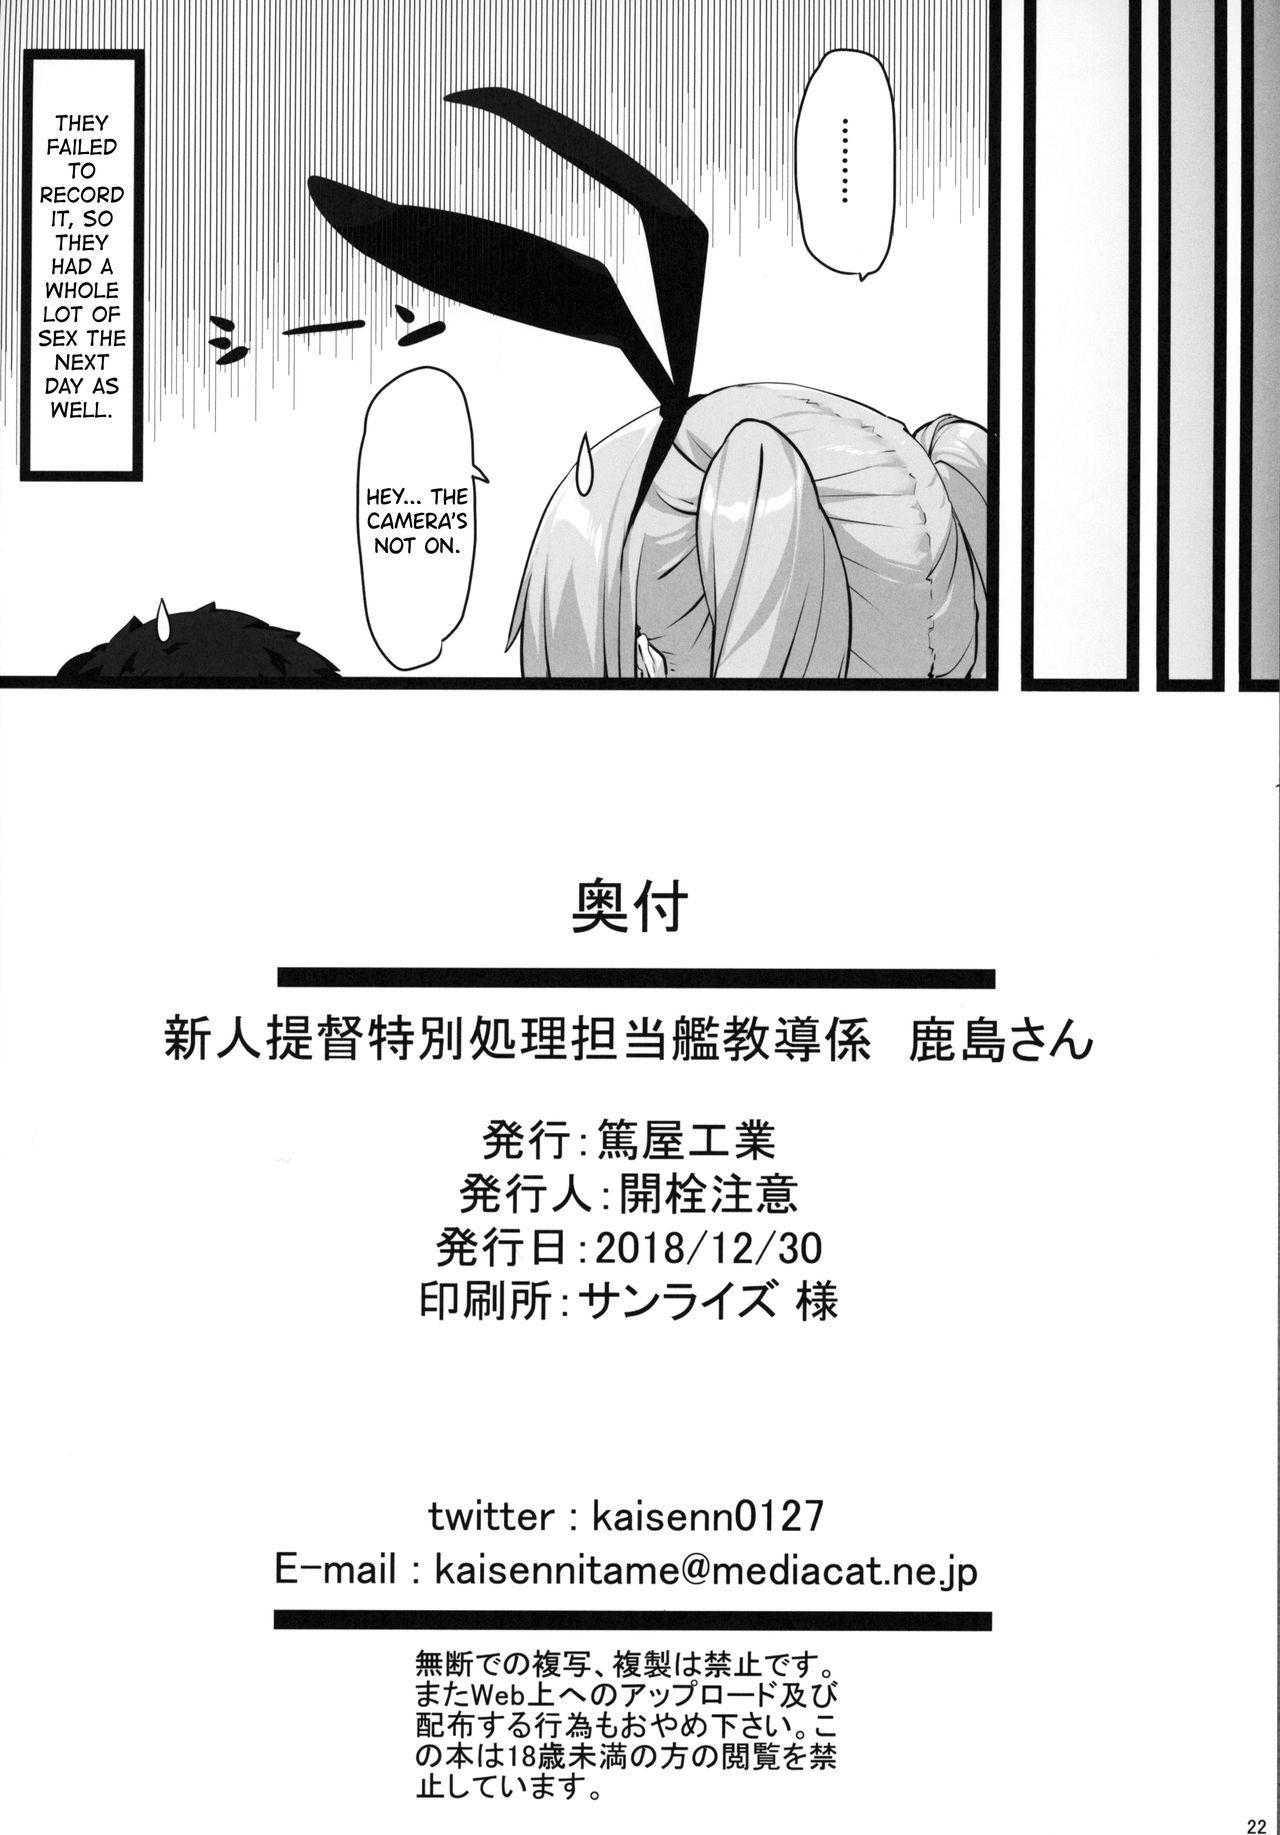 Shinjin Teitoku Tokubetsu Shori Tantoukan Kyoudou Gakari Kashima-san 20